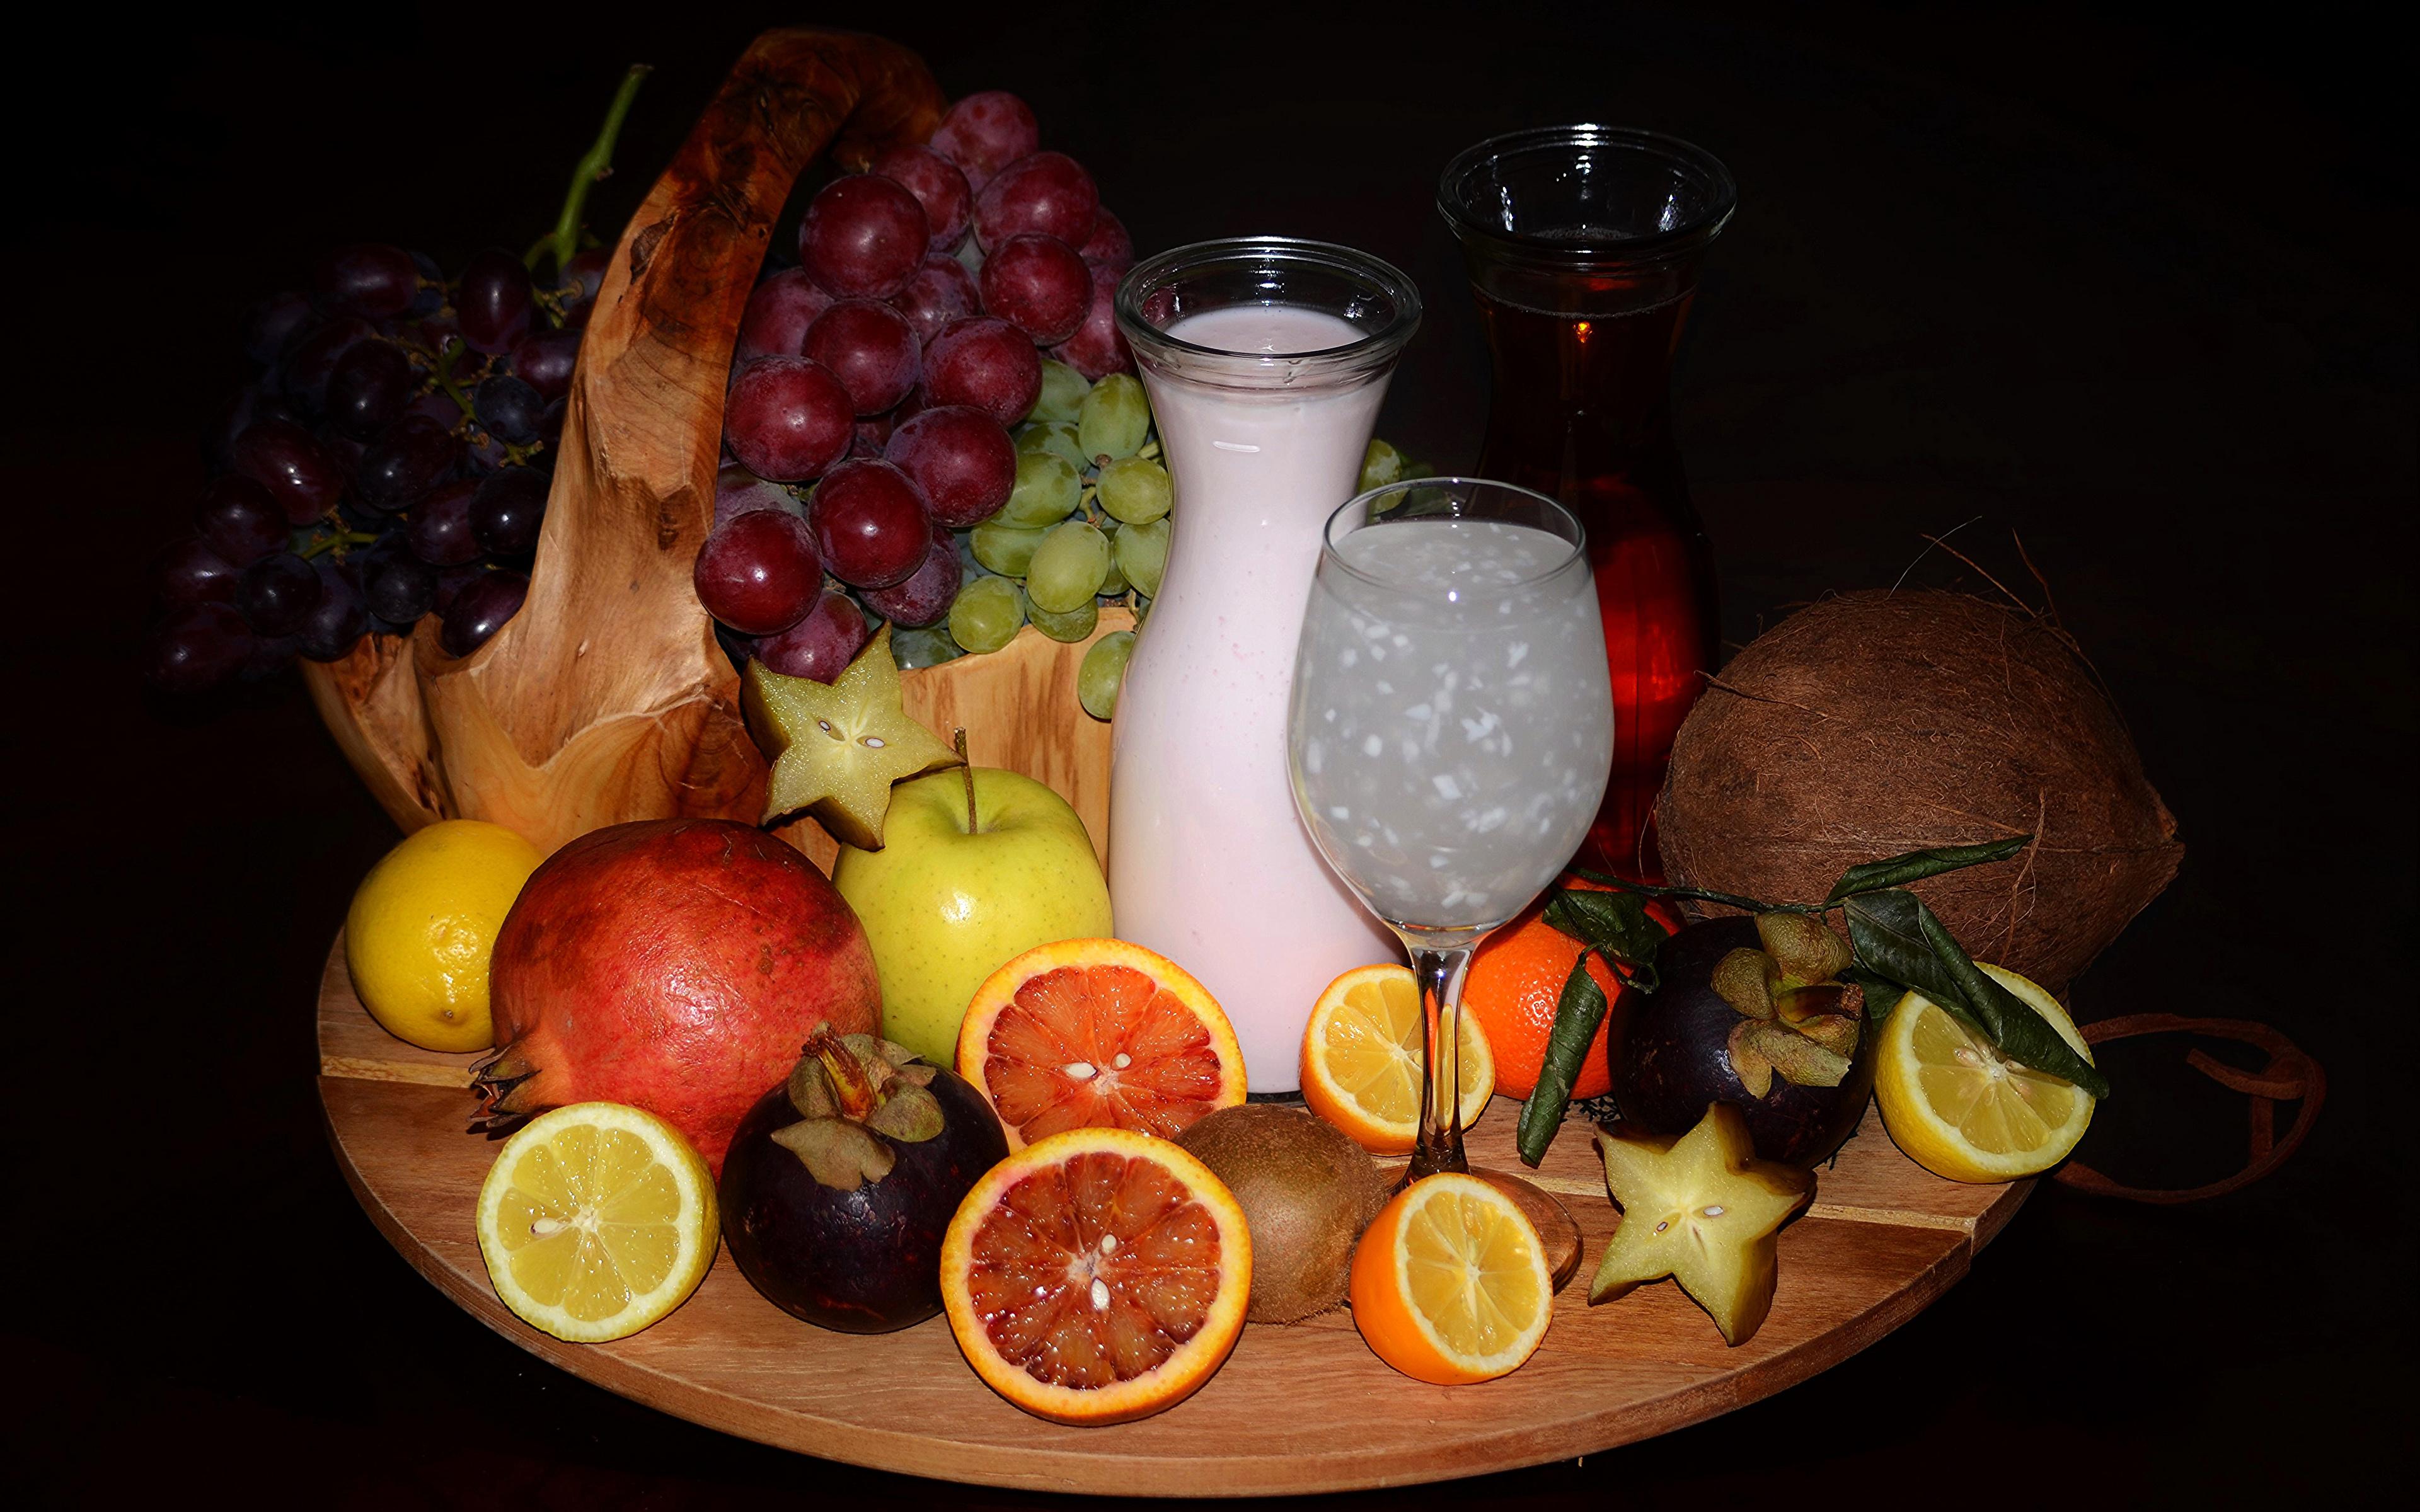 Hintergrundbilder Milch Kokos Weintraube Granatapfel Obst Weinglas flaschen Lebensmittel Zitrusfrüchte 3840x2400 Kokosnuss Flasche das Essen